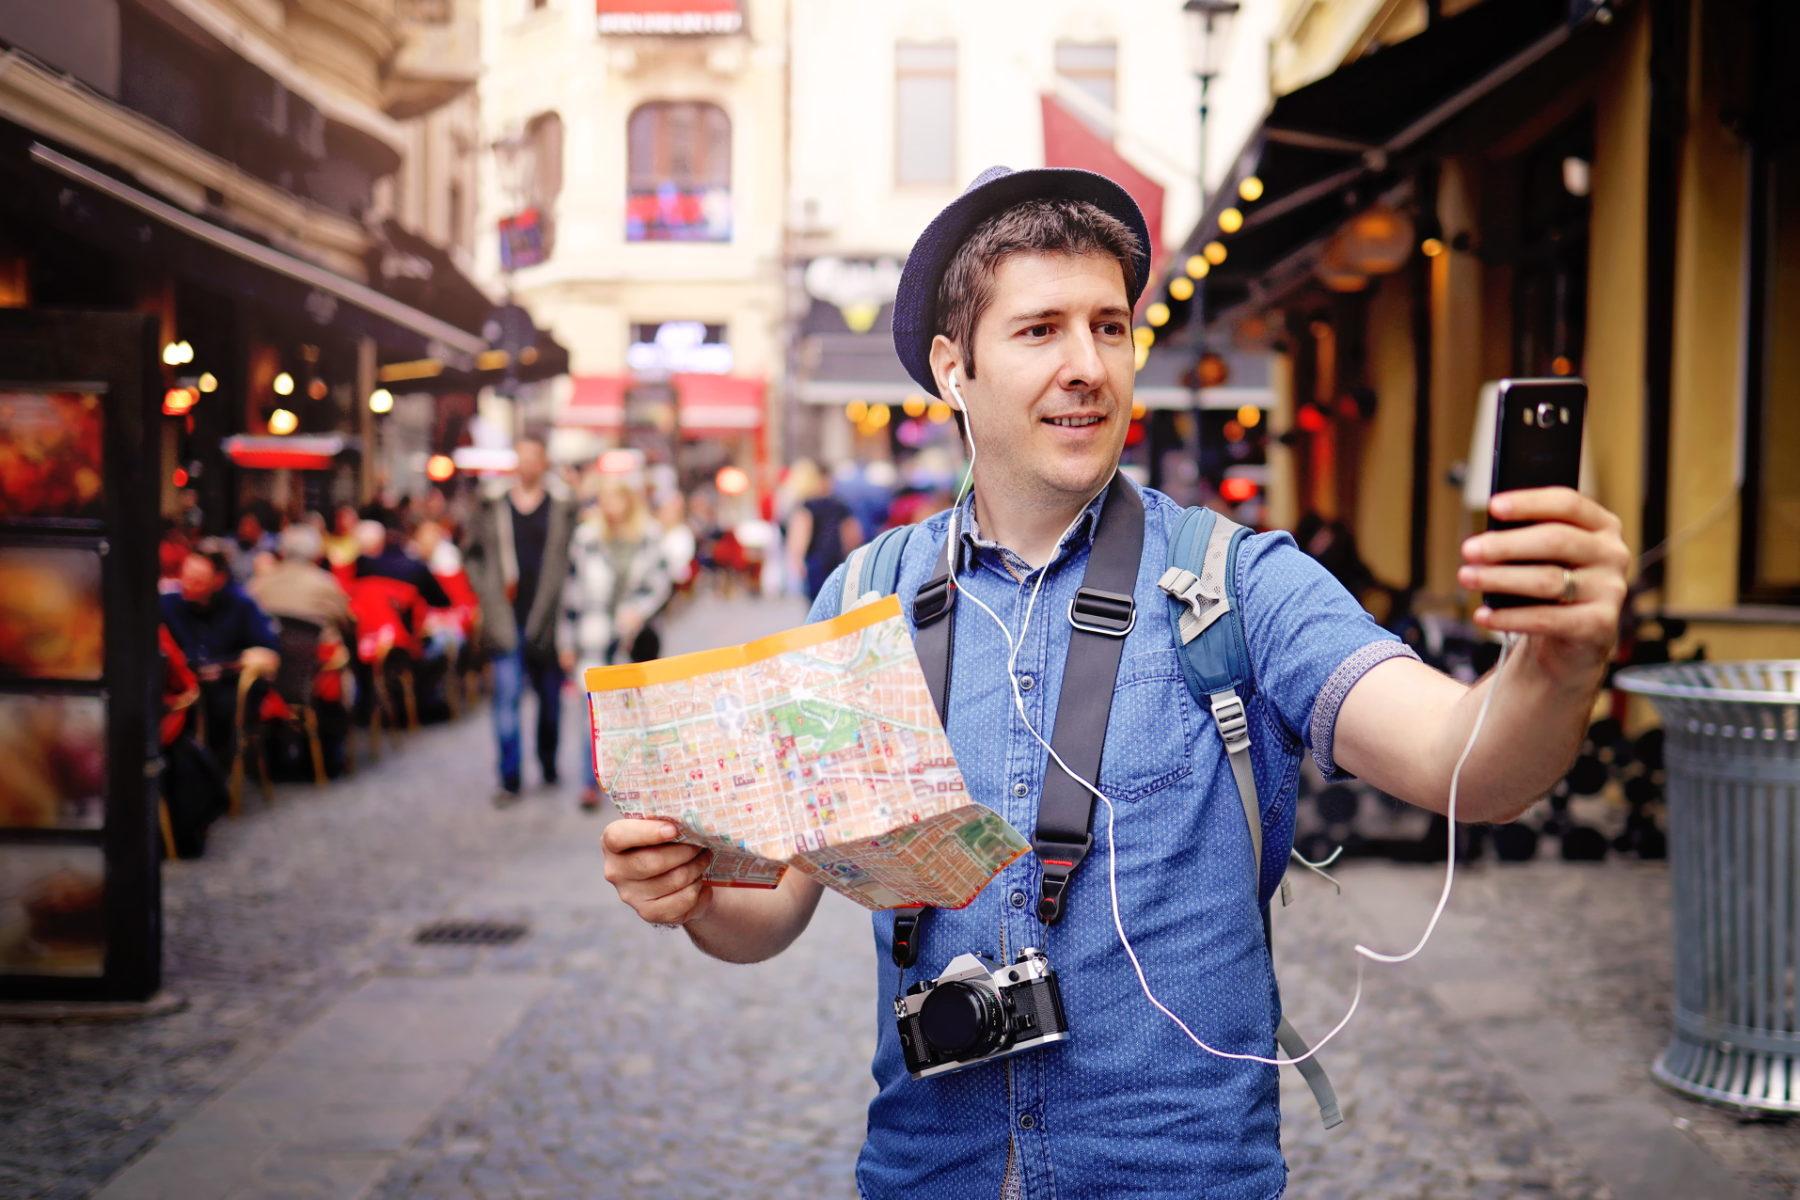 Tourist Smartphone